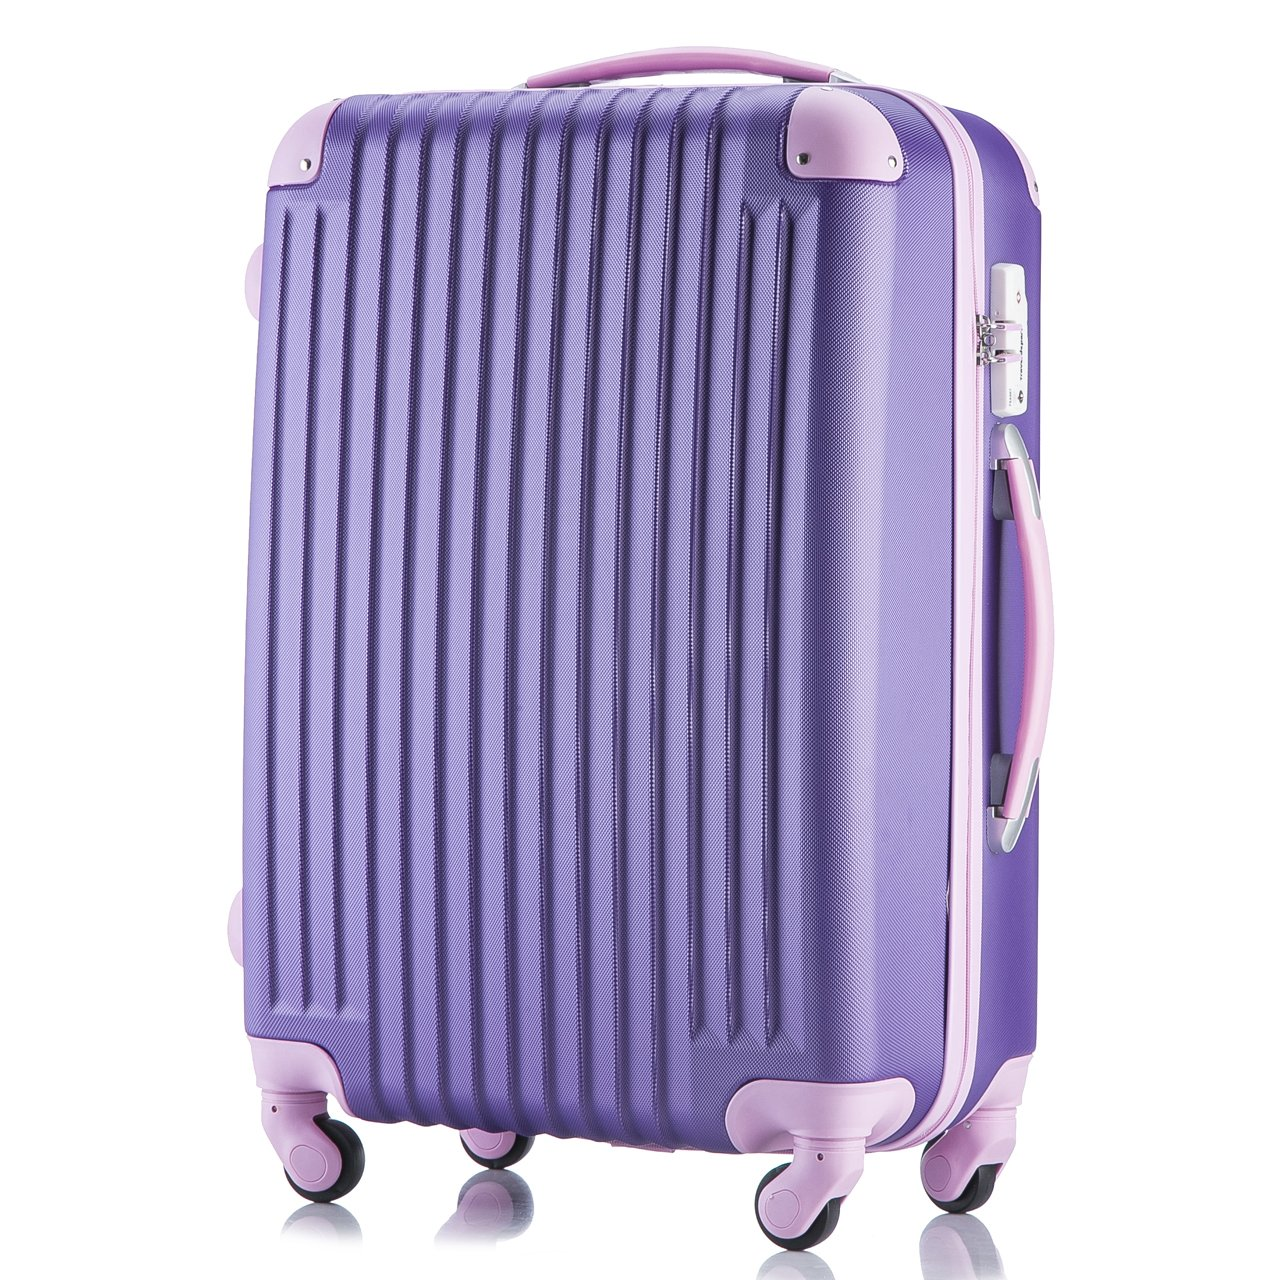 (トラベルデパート) 超軽量スーツケース TSAロック付 B01FCQNWCE Lサイズ(長期旅行用/86L)|パープル パープル Lサイズ(長期旅行用/86L)